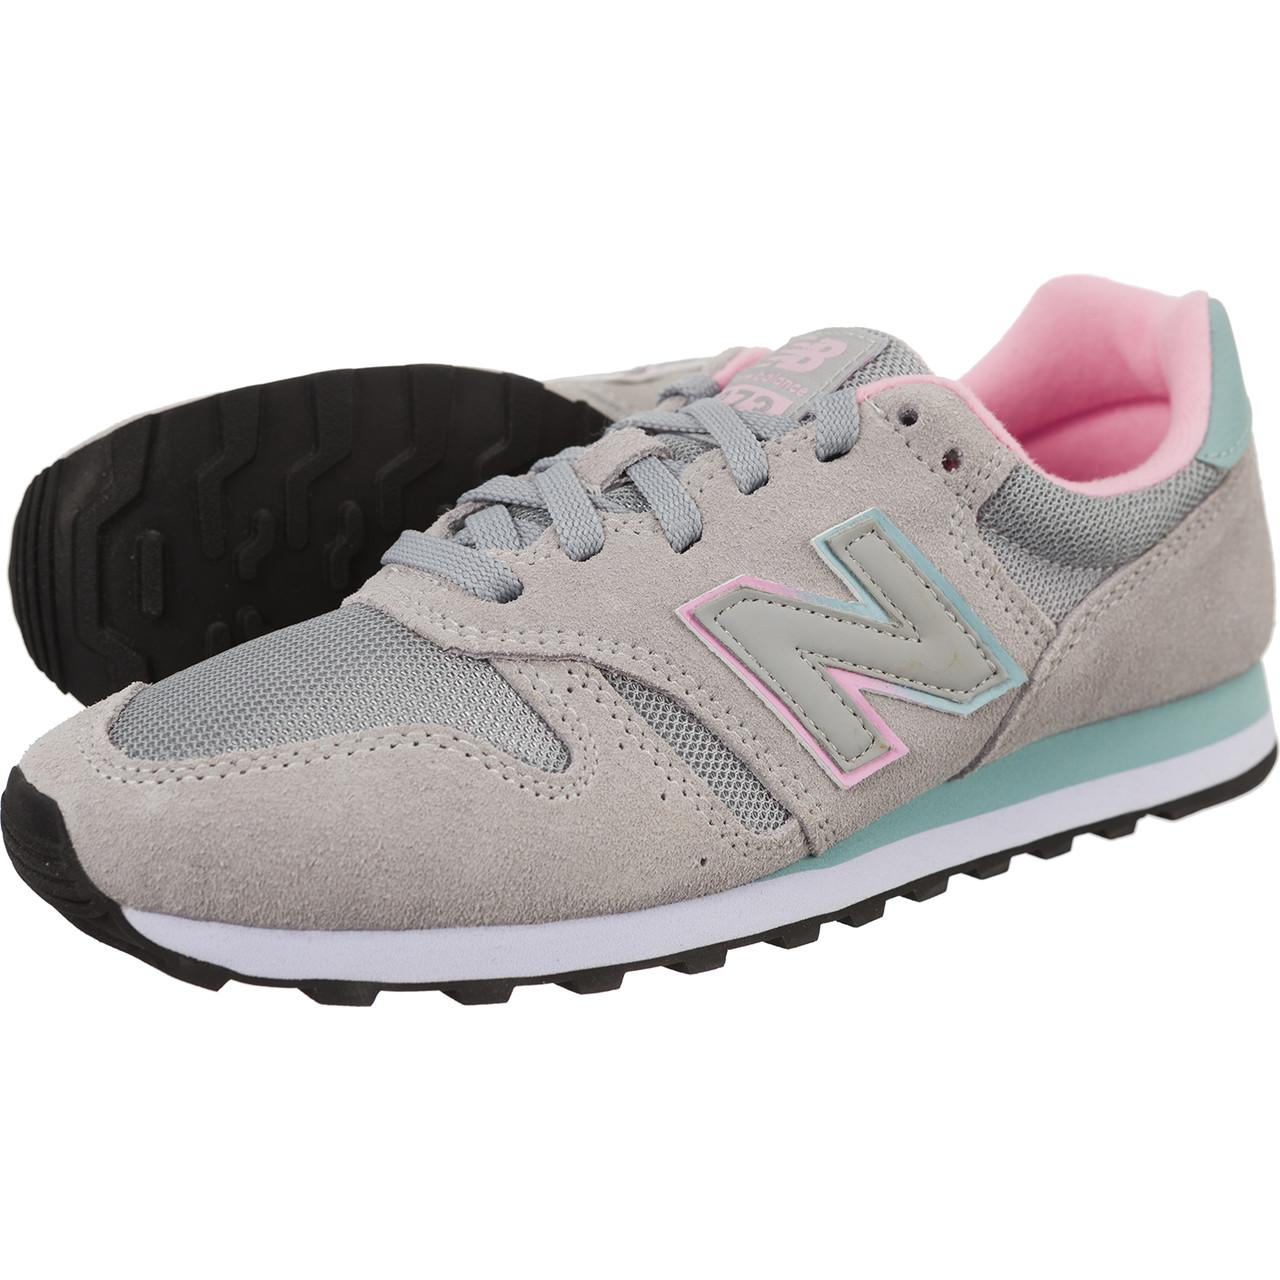 new balance buty damskie wl373gt